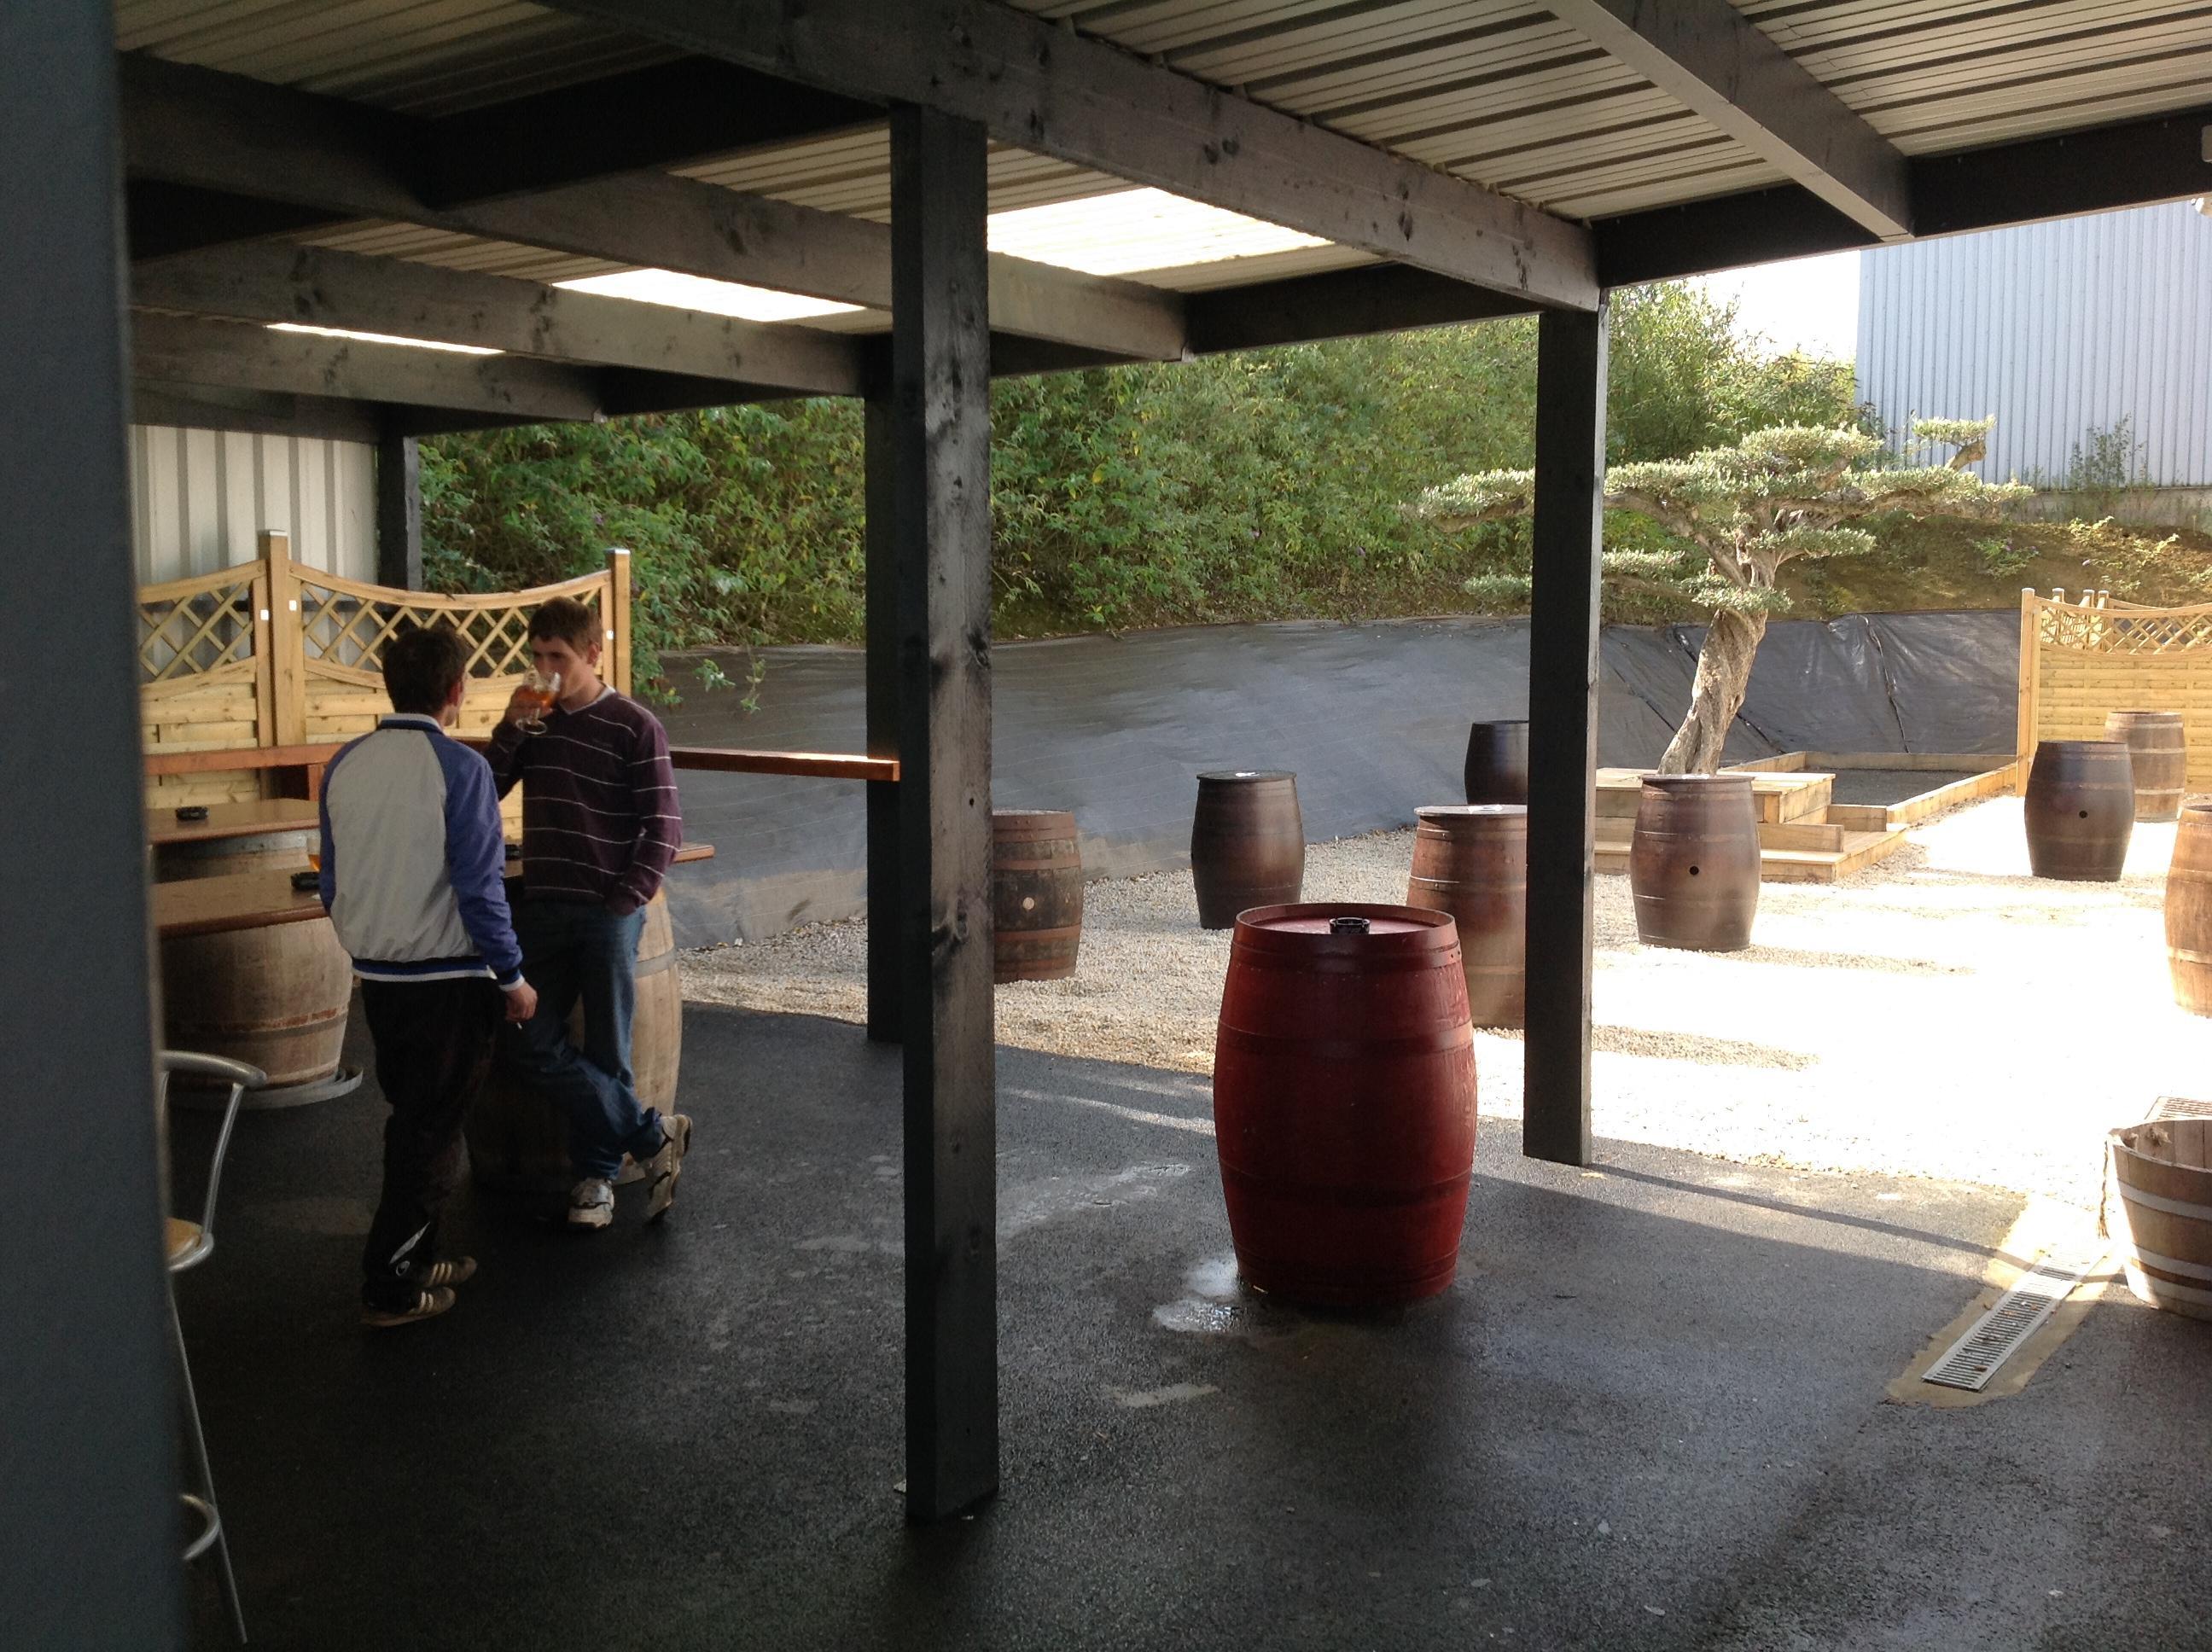 Les Bonnes Adresses De Lalimentation En France GUIDE CITYMALIN - Vandb carrelage